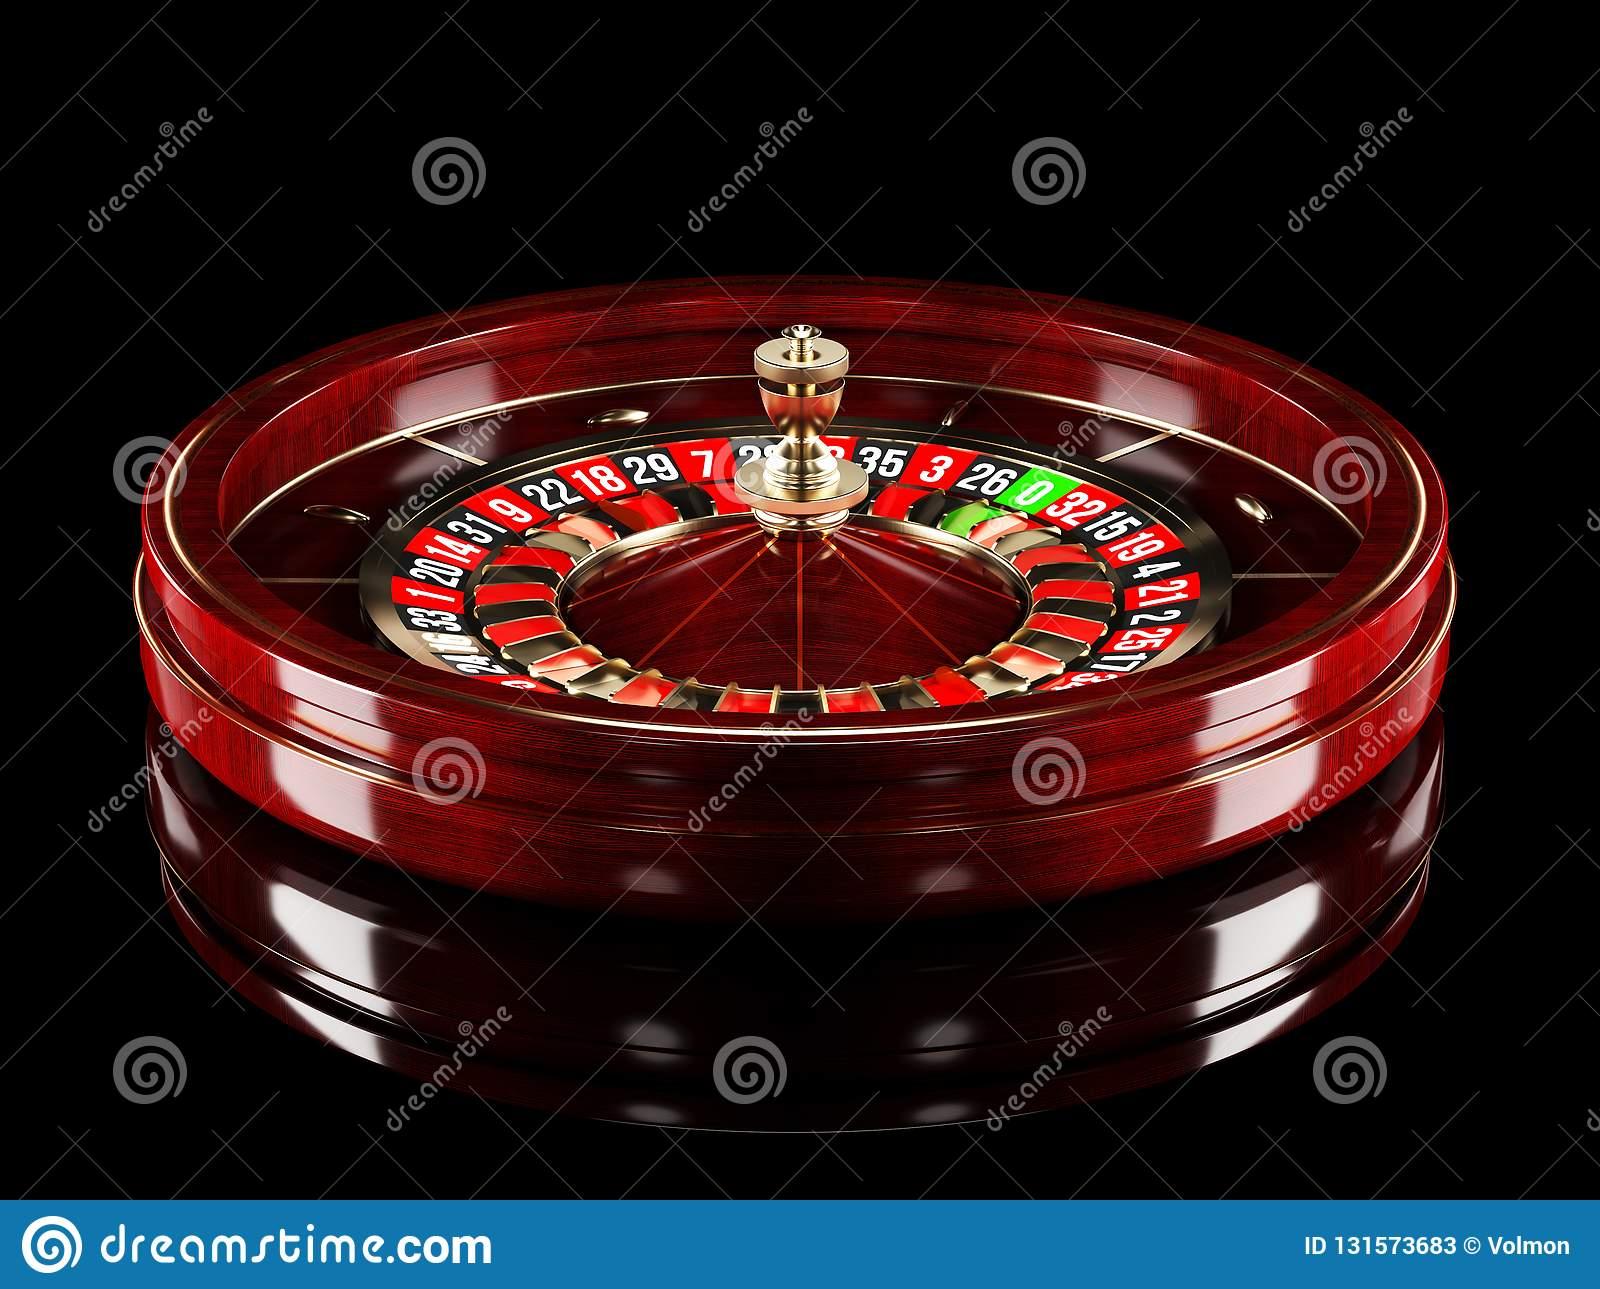 777 что значит в казино casino slot 888